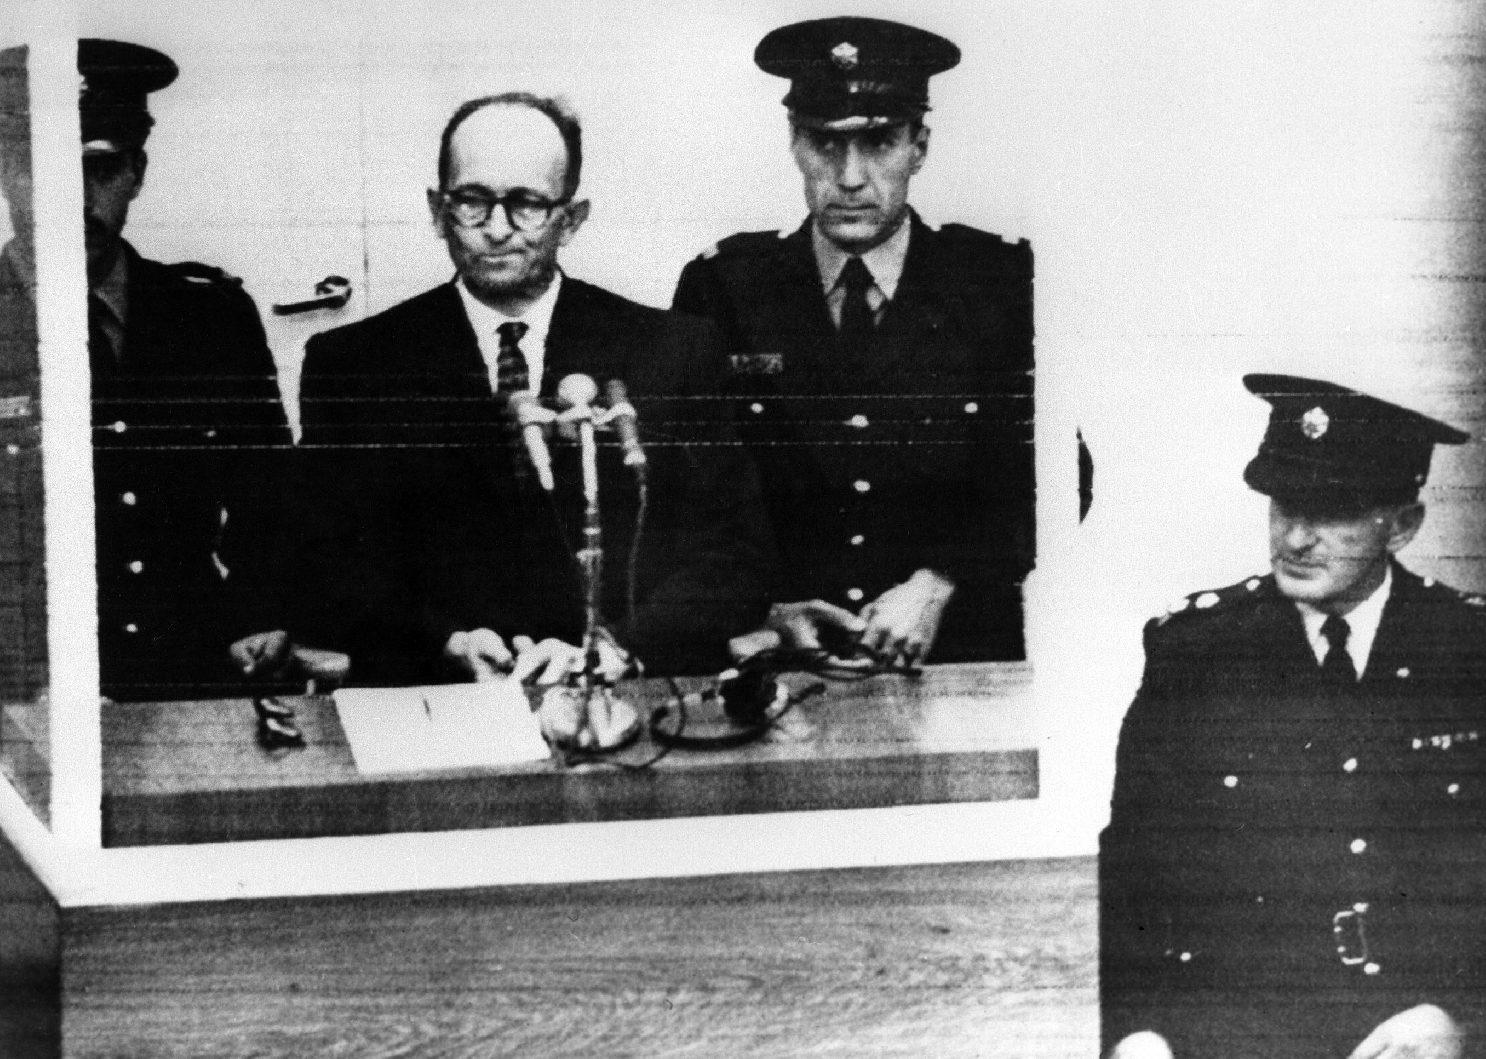 Az idővel fut versenyt az ismert nácivadász